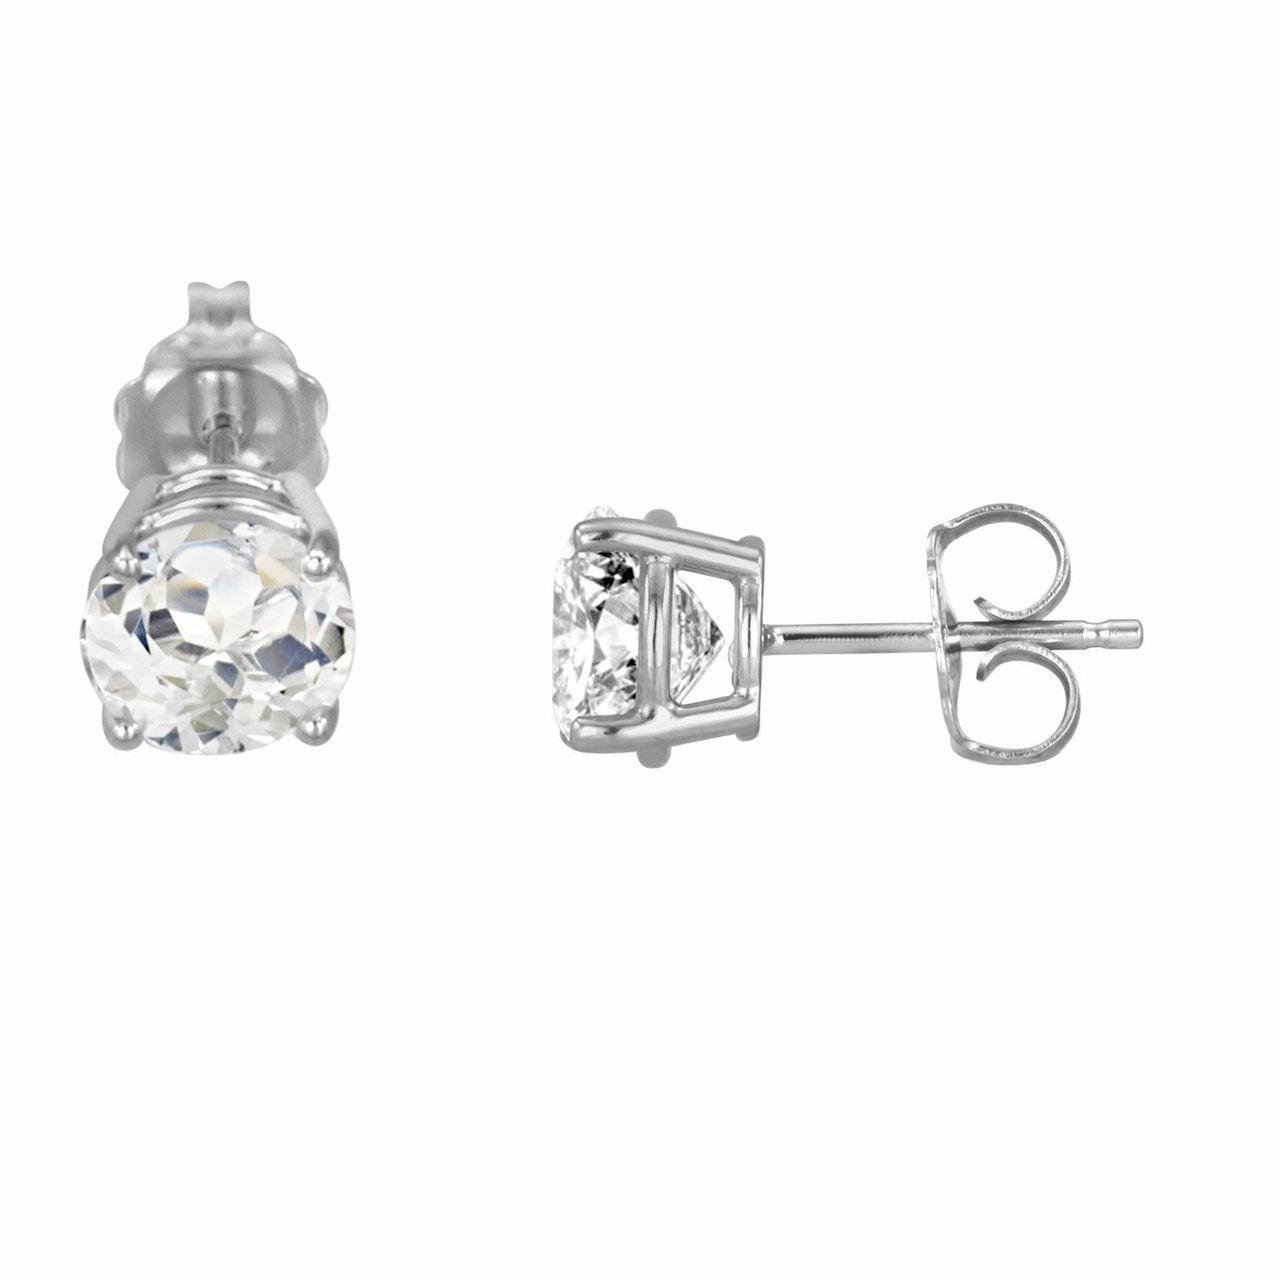 9e4da08f0 White Topaz Stud Earrings 14K White Gold 2.00 Carat HandMade